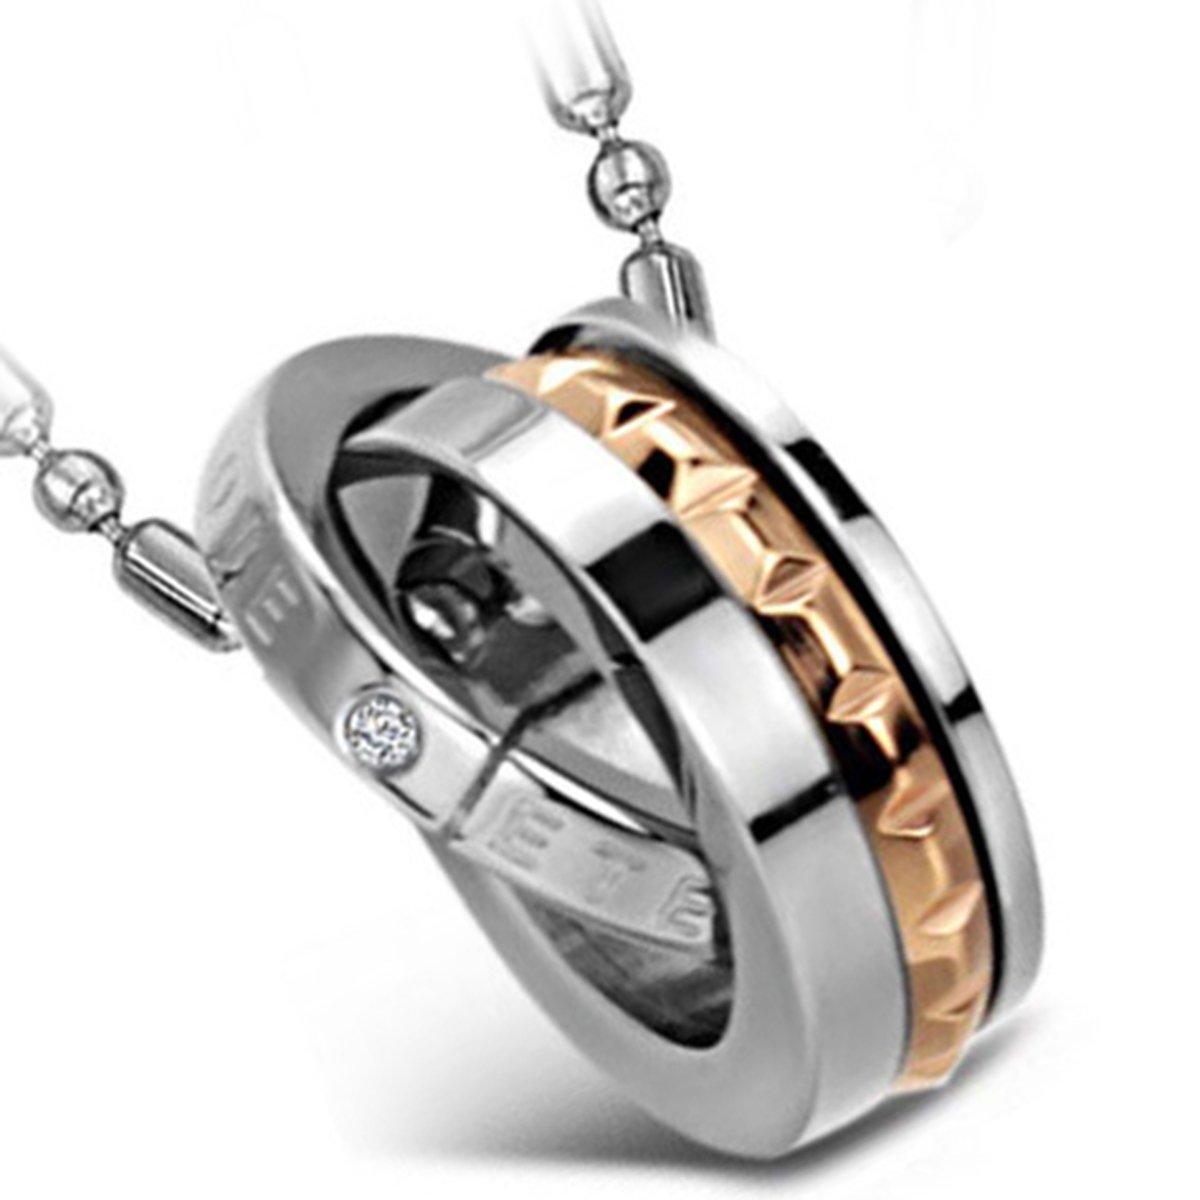 Flongo Men's Womens CouplesEternal Love Stainless Steel Dual-Ring Promise Pendant Necklace FLG01107